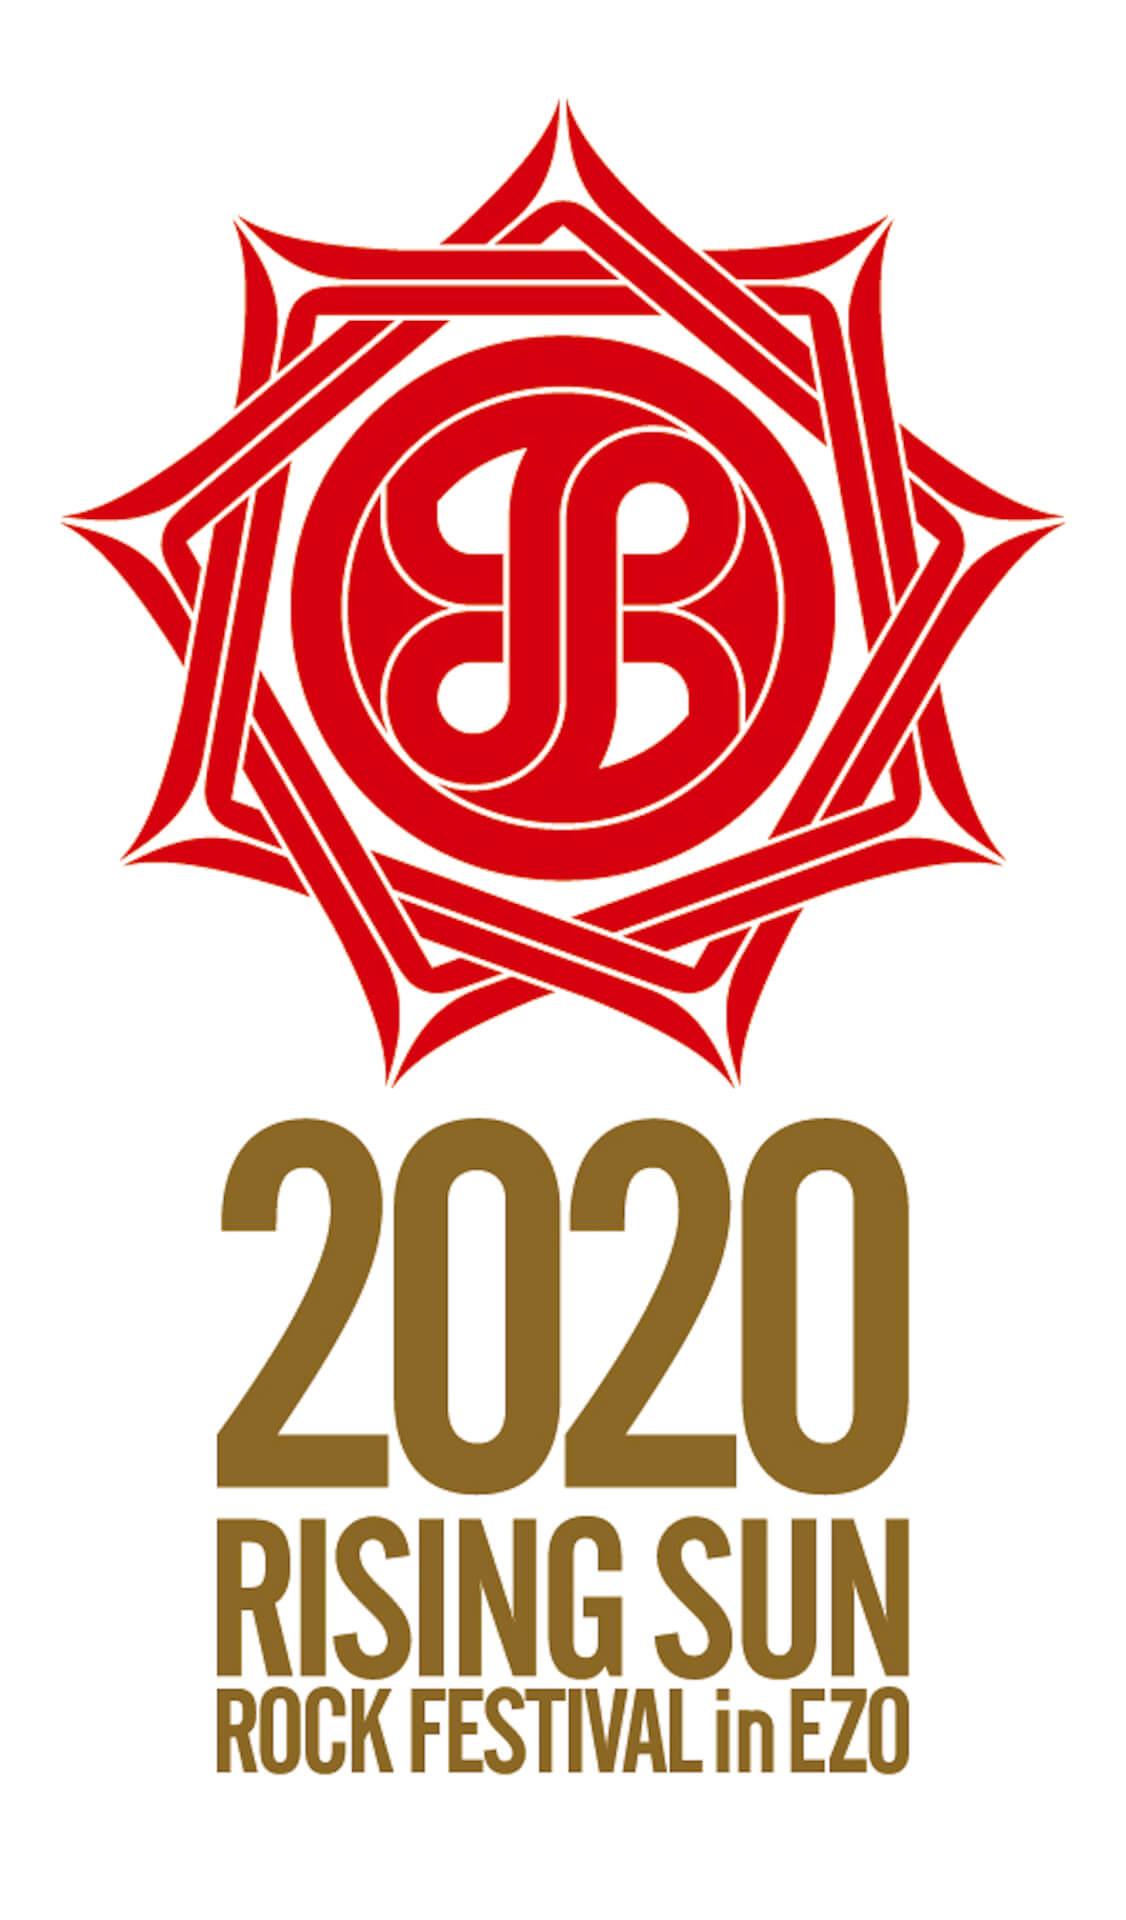 今年の夏は北海道で!<RISING SUN ROCK FESTIVAL 2020 in EZO>ロゴ&チケット抽選販売スケジュールが発表 music200131_rsr2020_1